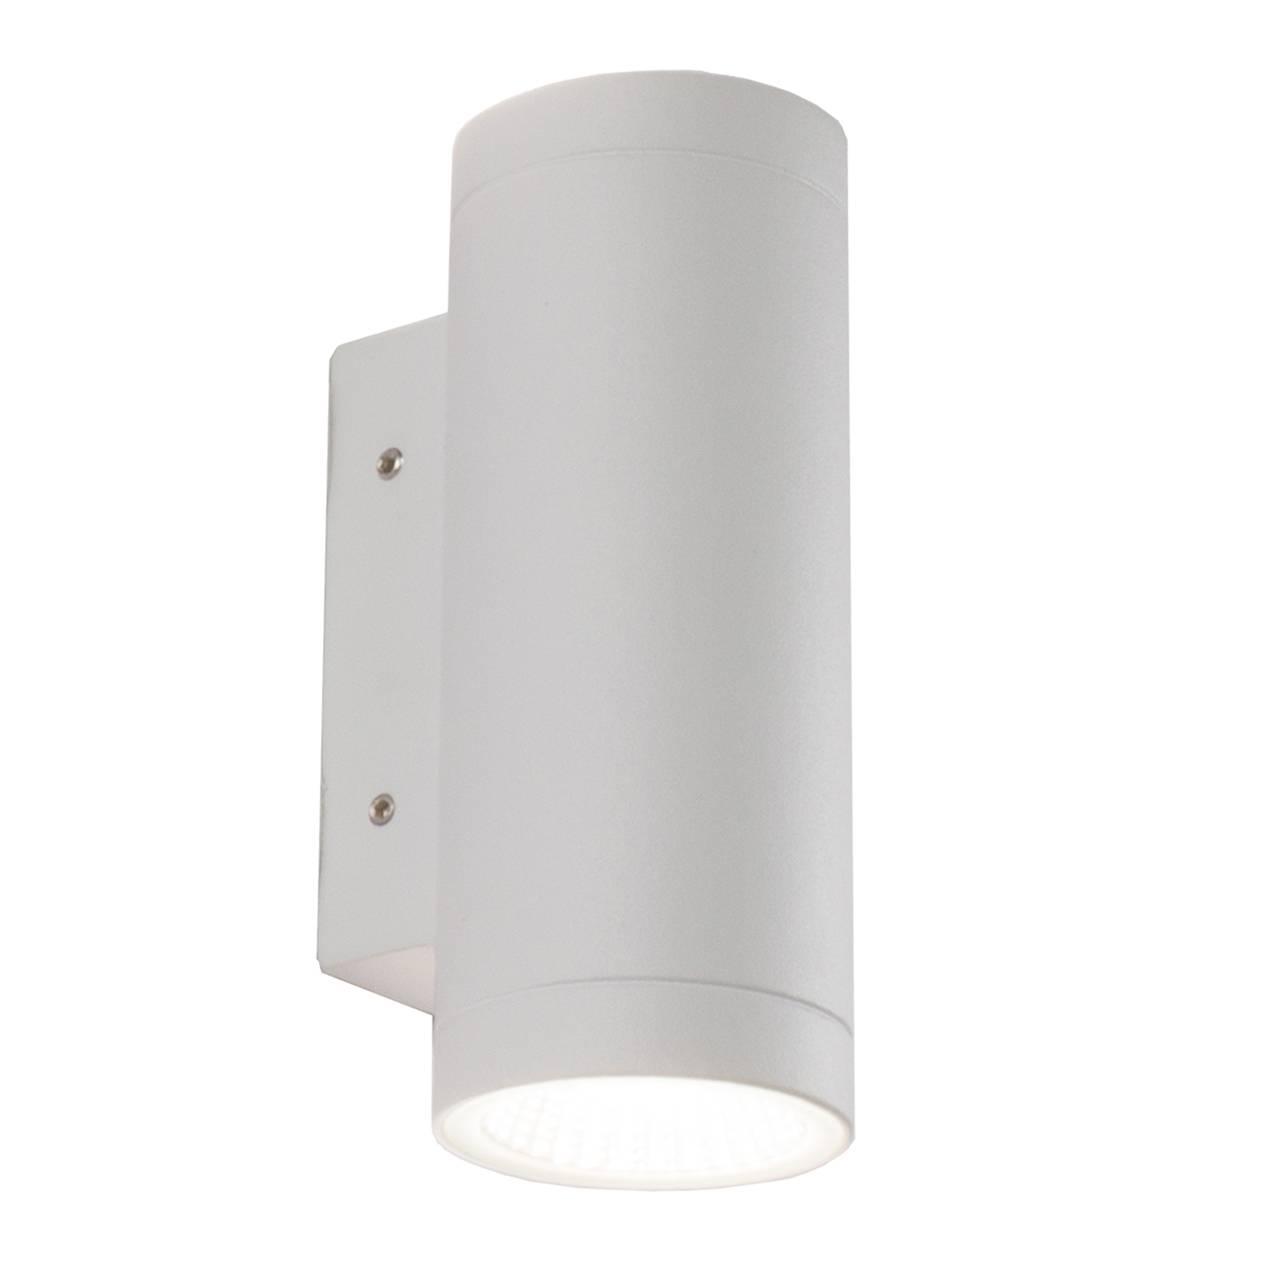 купить Уличный настенный светодиодный светильник Favourite Flicker 1829-2W по цене 3630 рублей